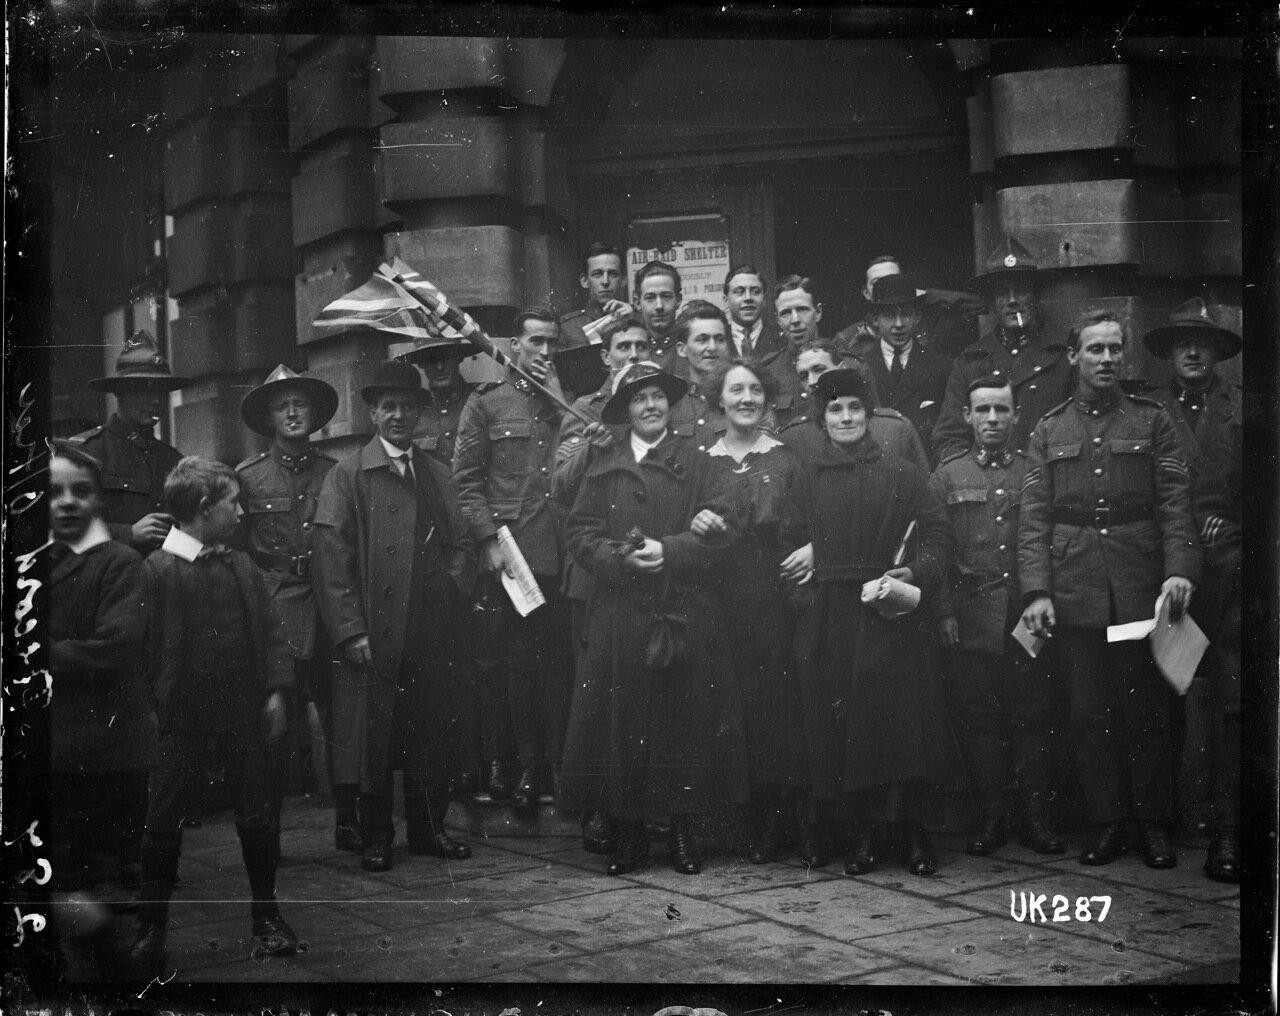 Новозеландские солдаты и гражданские лица на параде в Лондоне